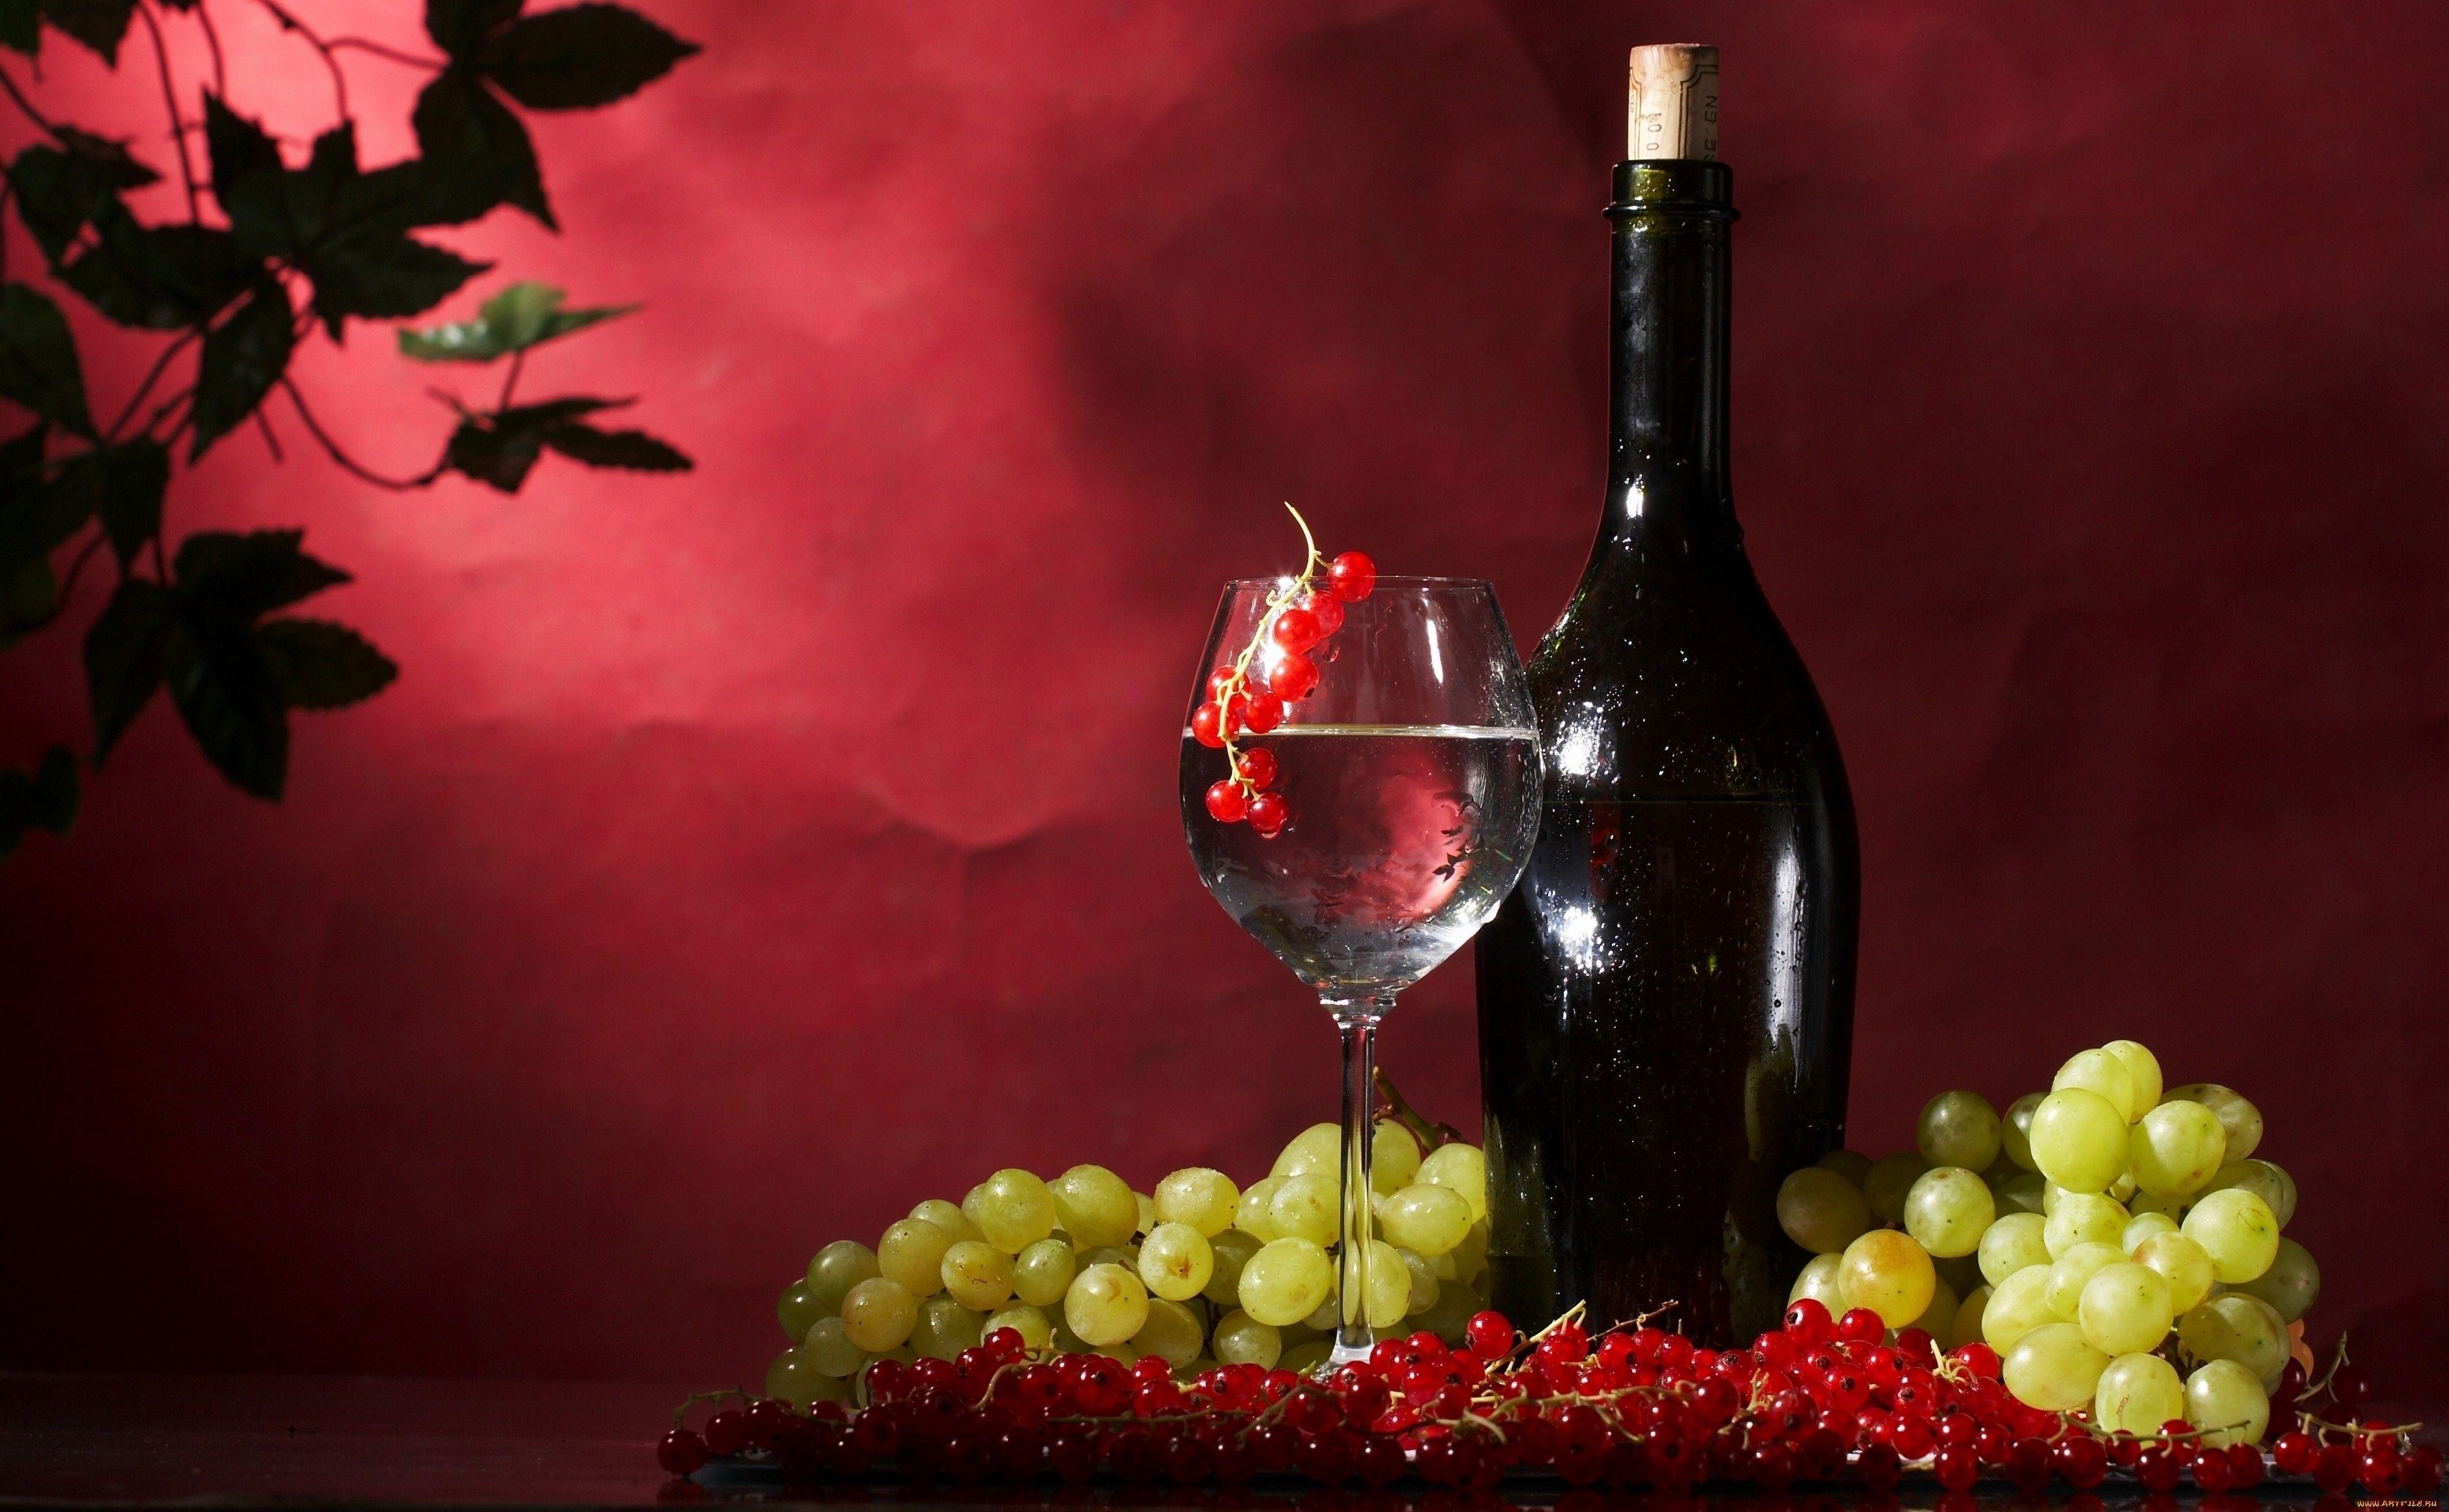 Fruits Grapes Wine Wallpaper Wine Wallpaper Wine Bottle Wine Bottle Holder Metal